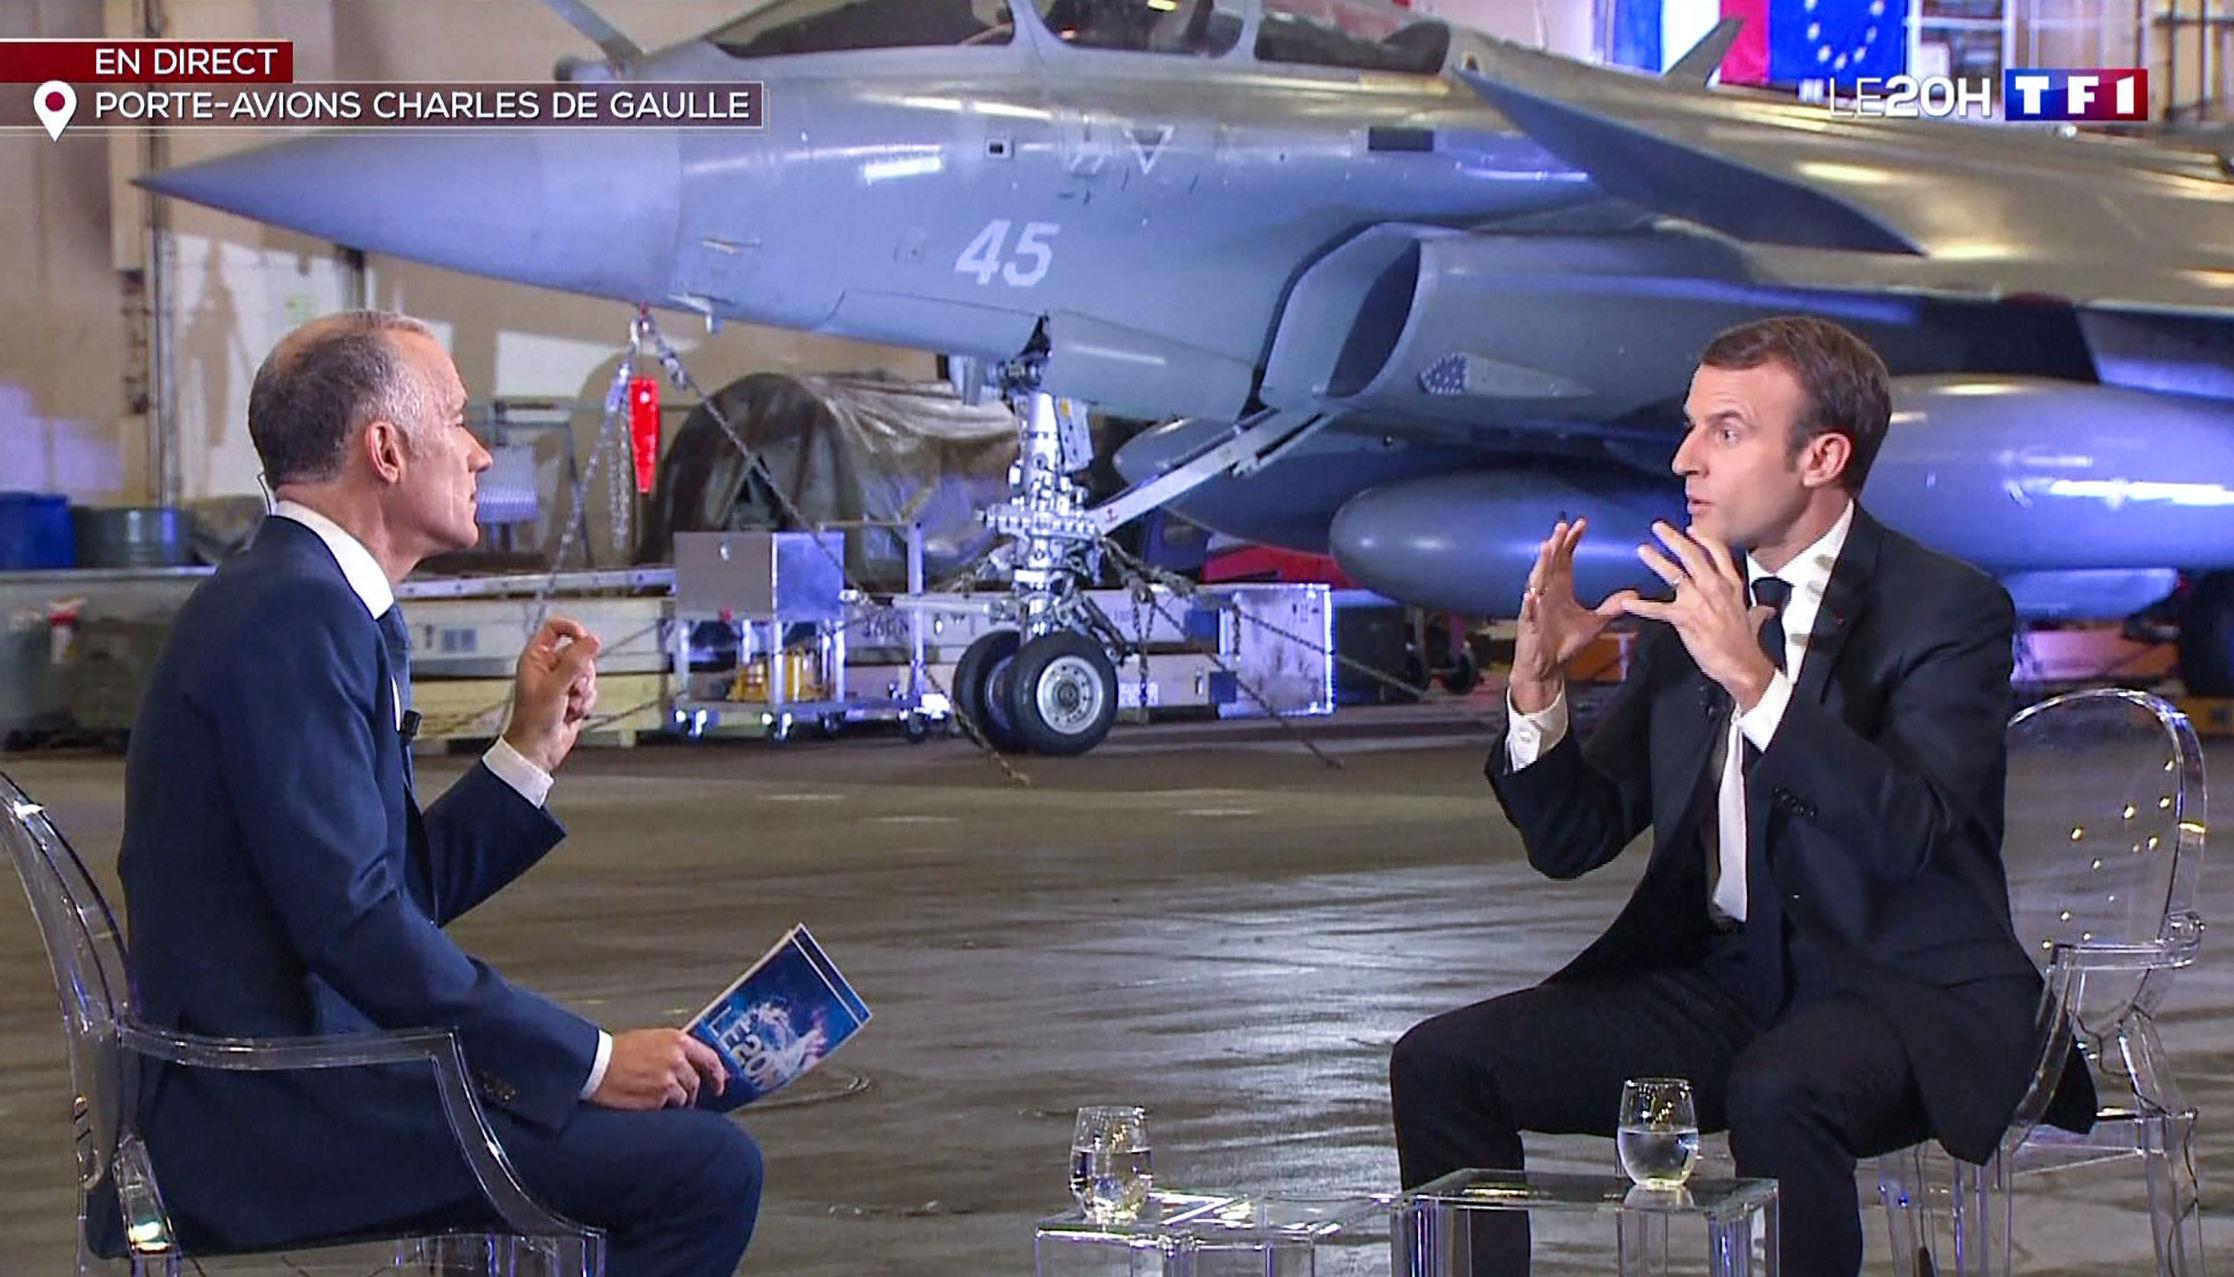 Macron le responde a Trump: 'Los aliados se deben respeto mutuo'